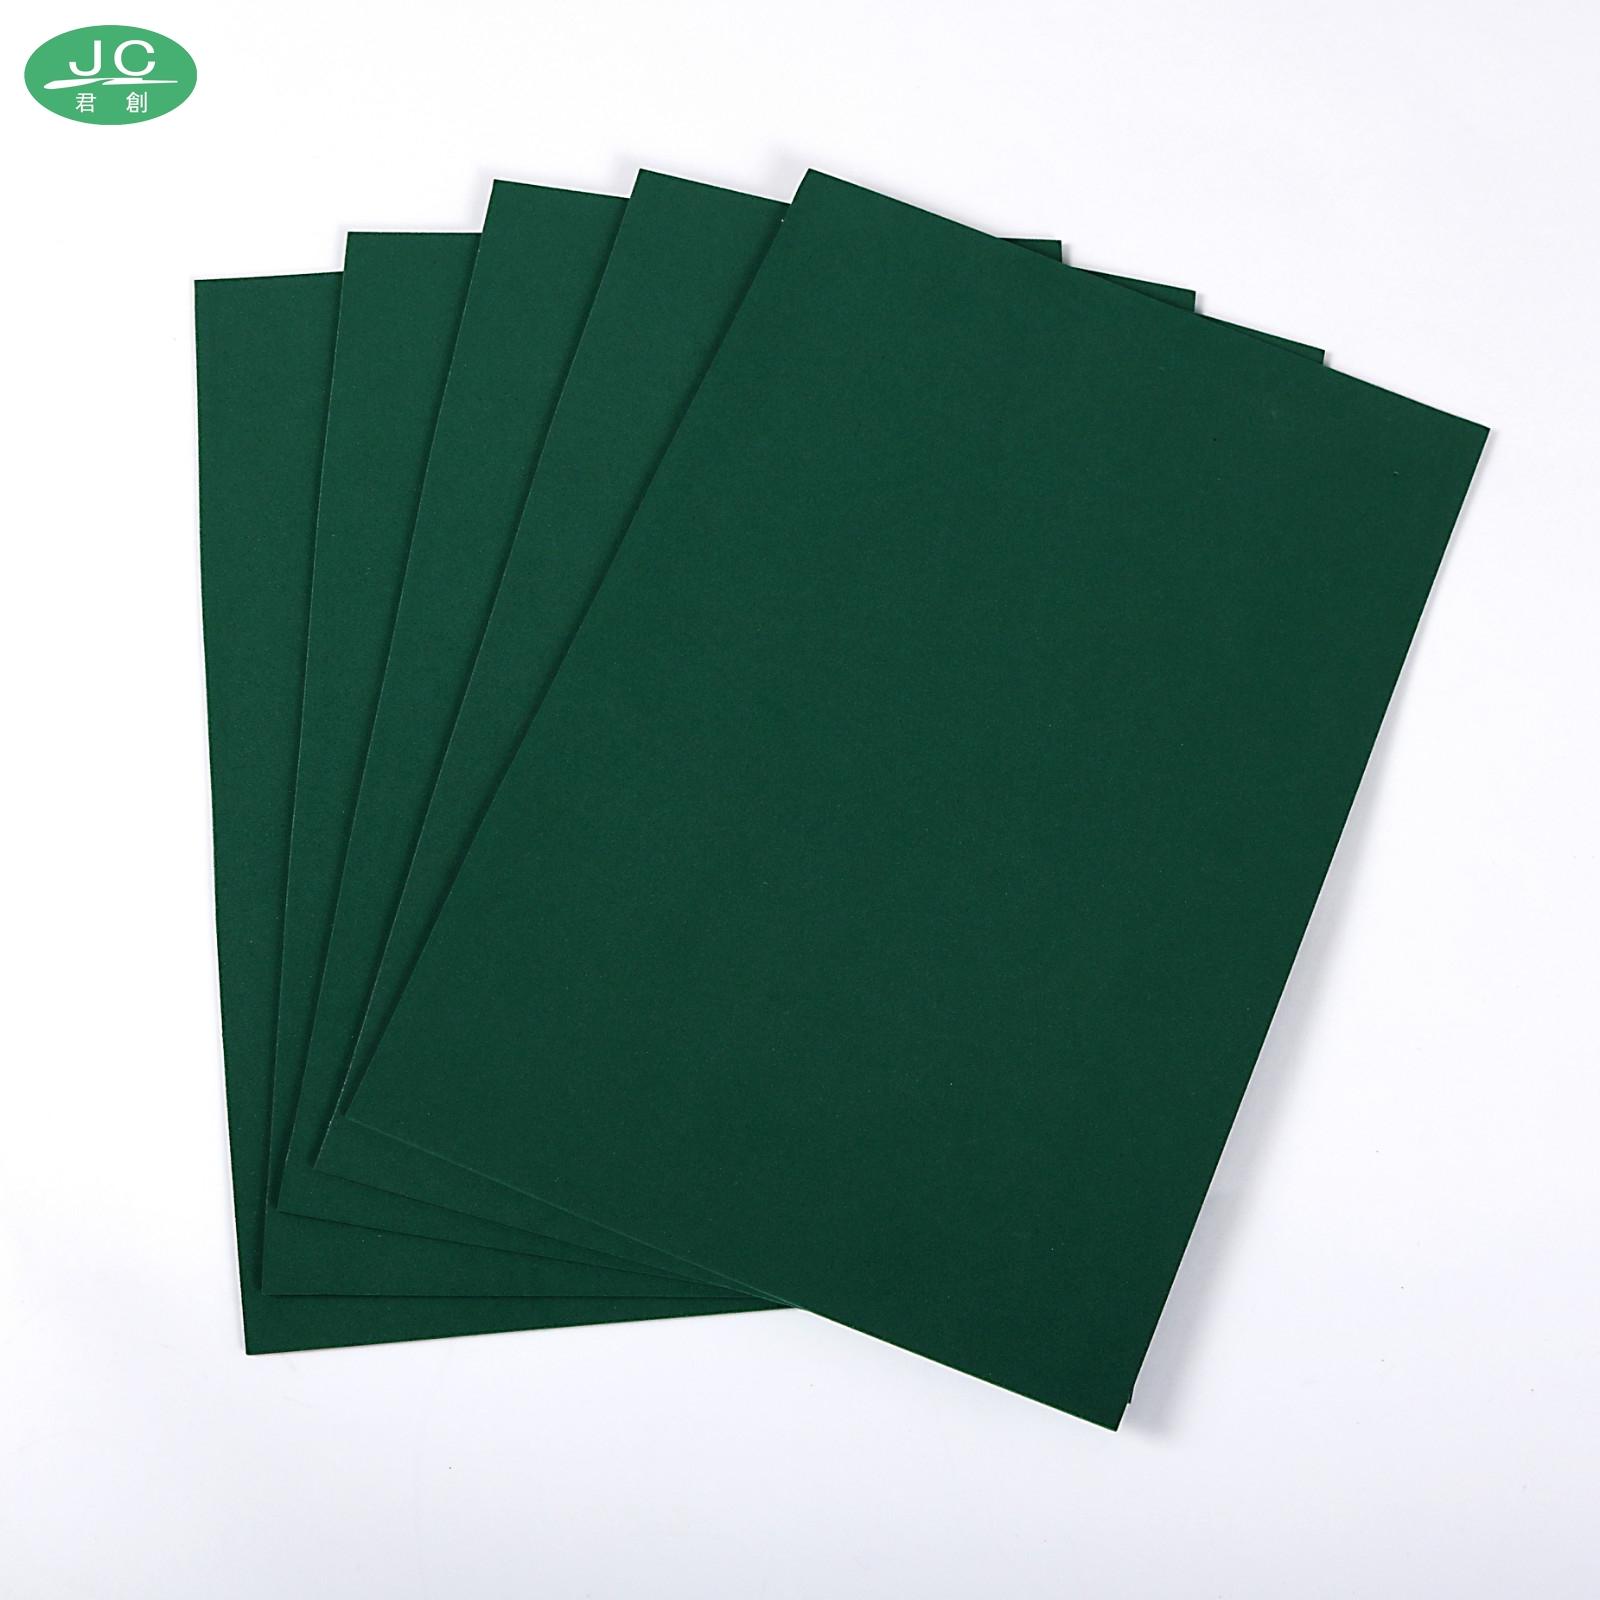 天津口罩刀模用 日本进口绿色泡棉